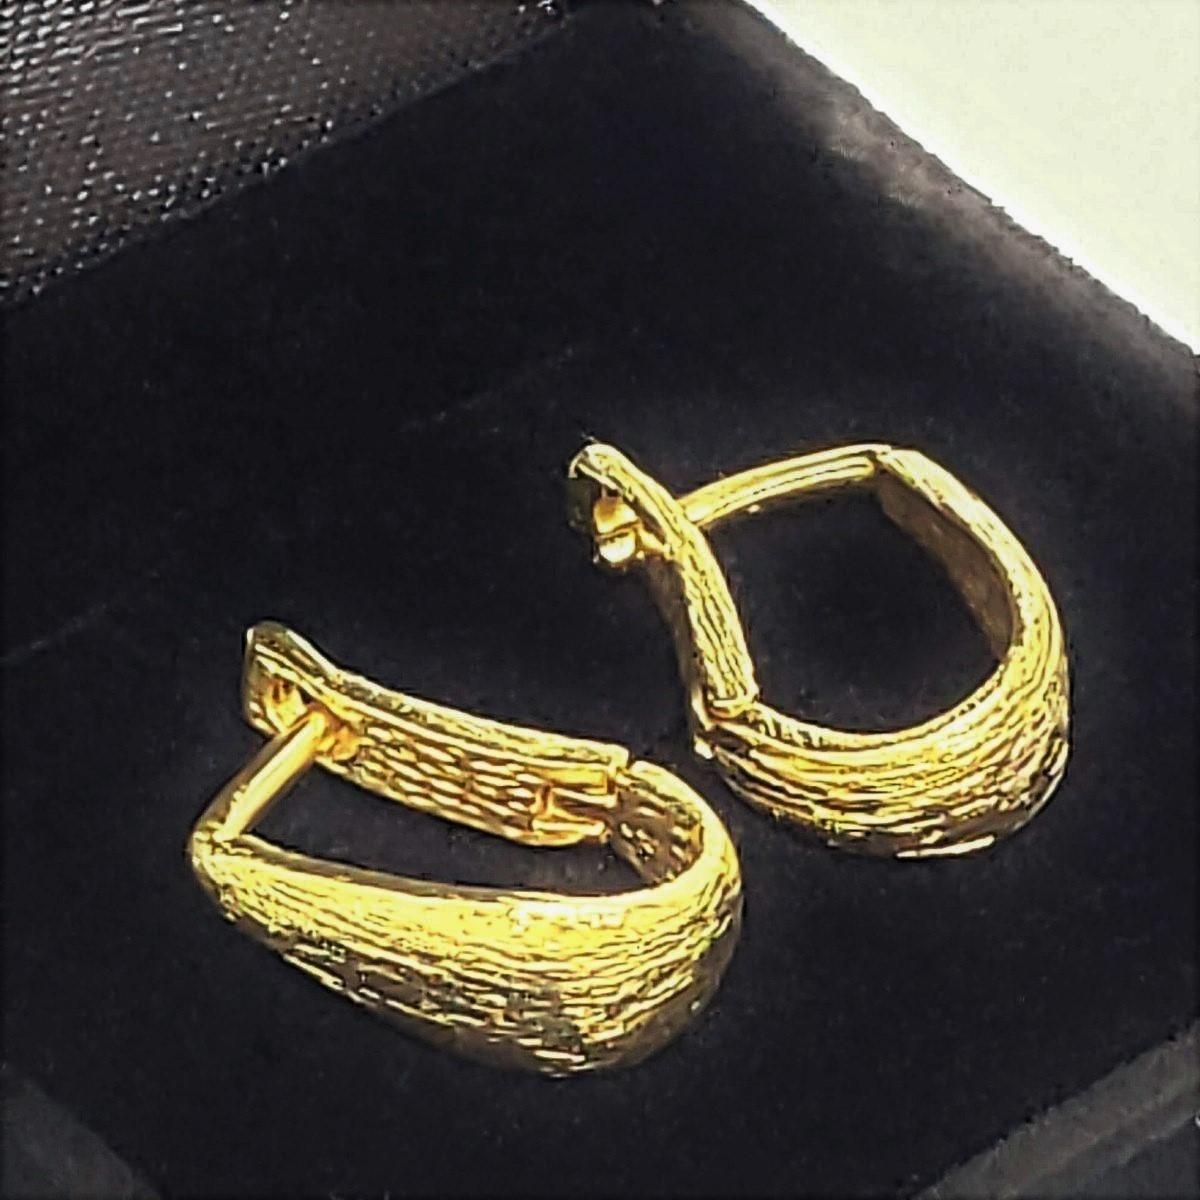 Brincos Argolas Estilizadas Banho De Ouro 18k 1362